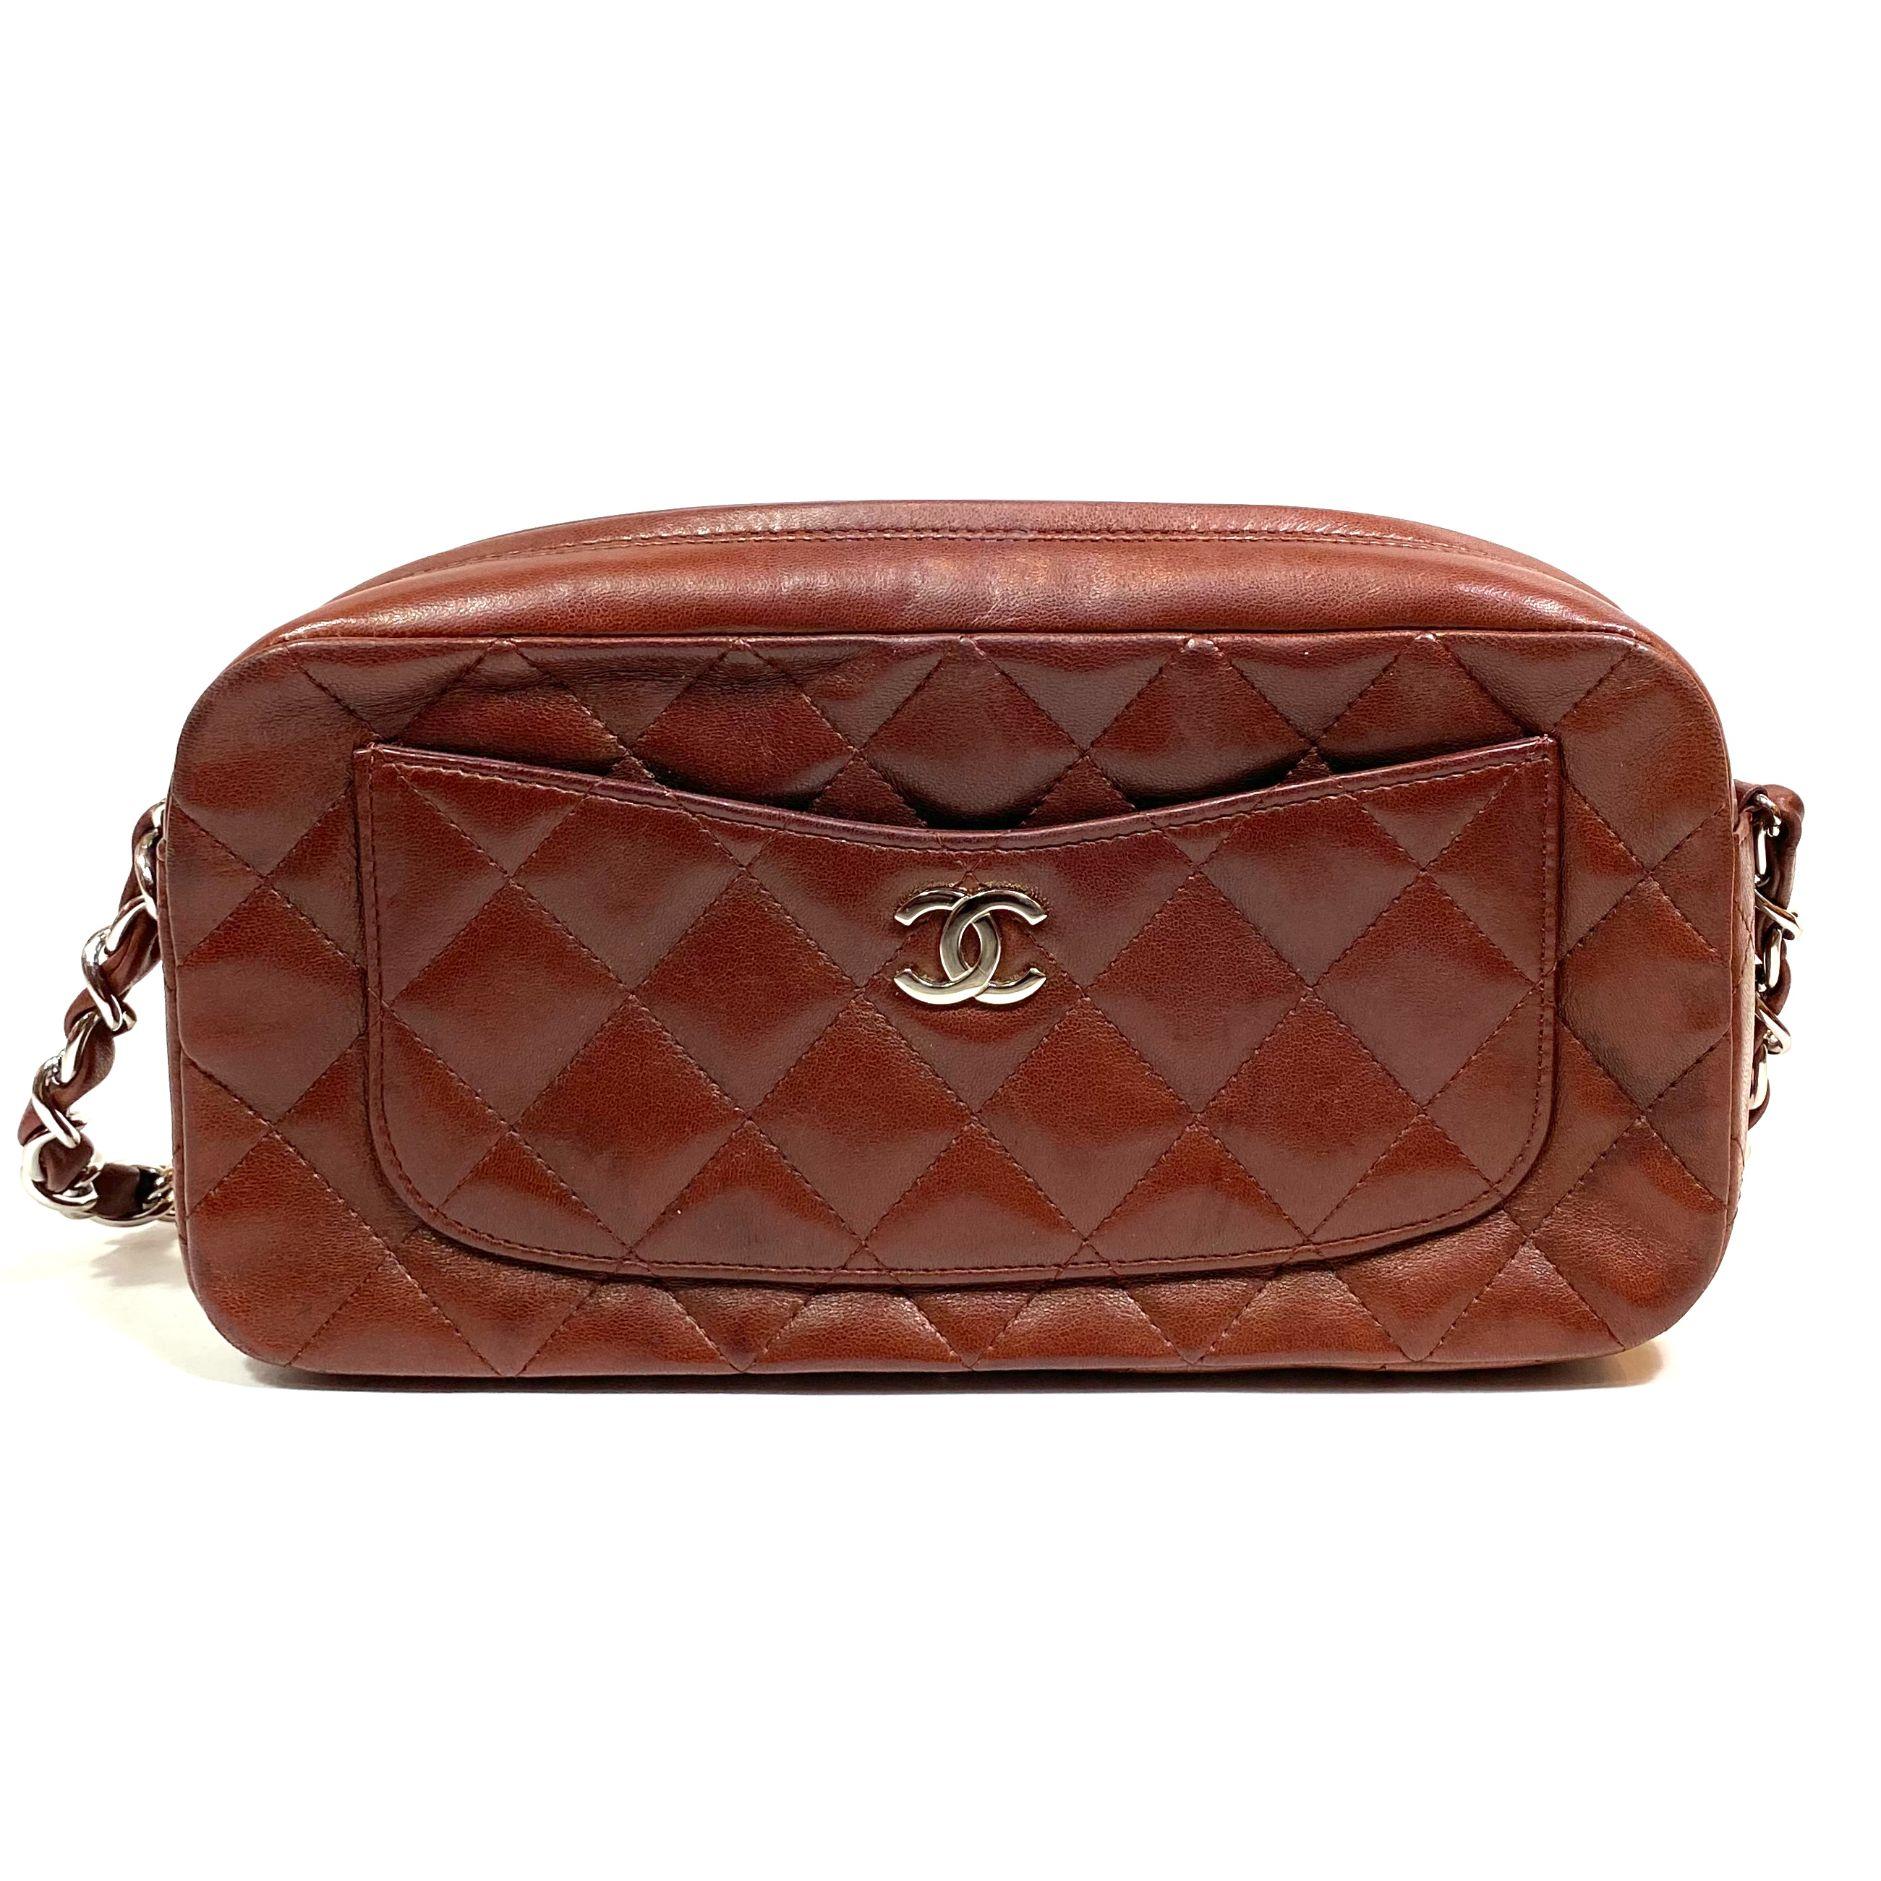 Bolsa Chanel Quilted CC Ferrugem